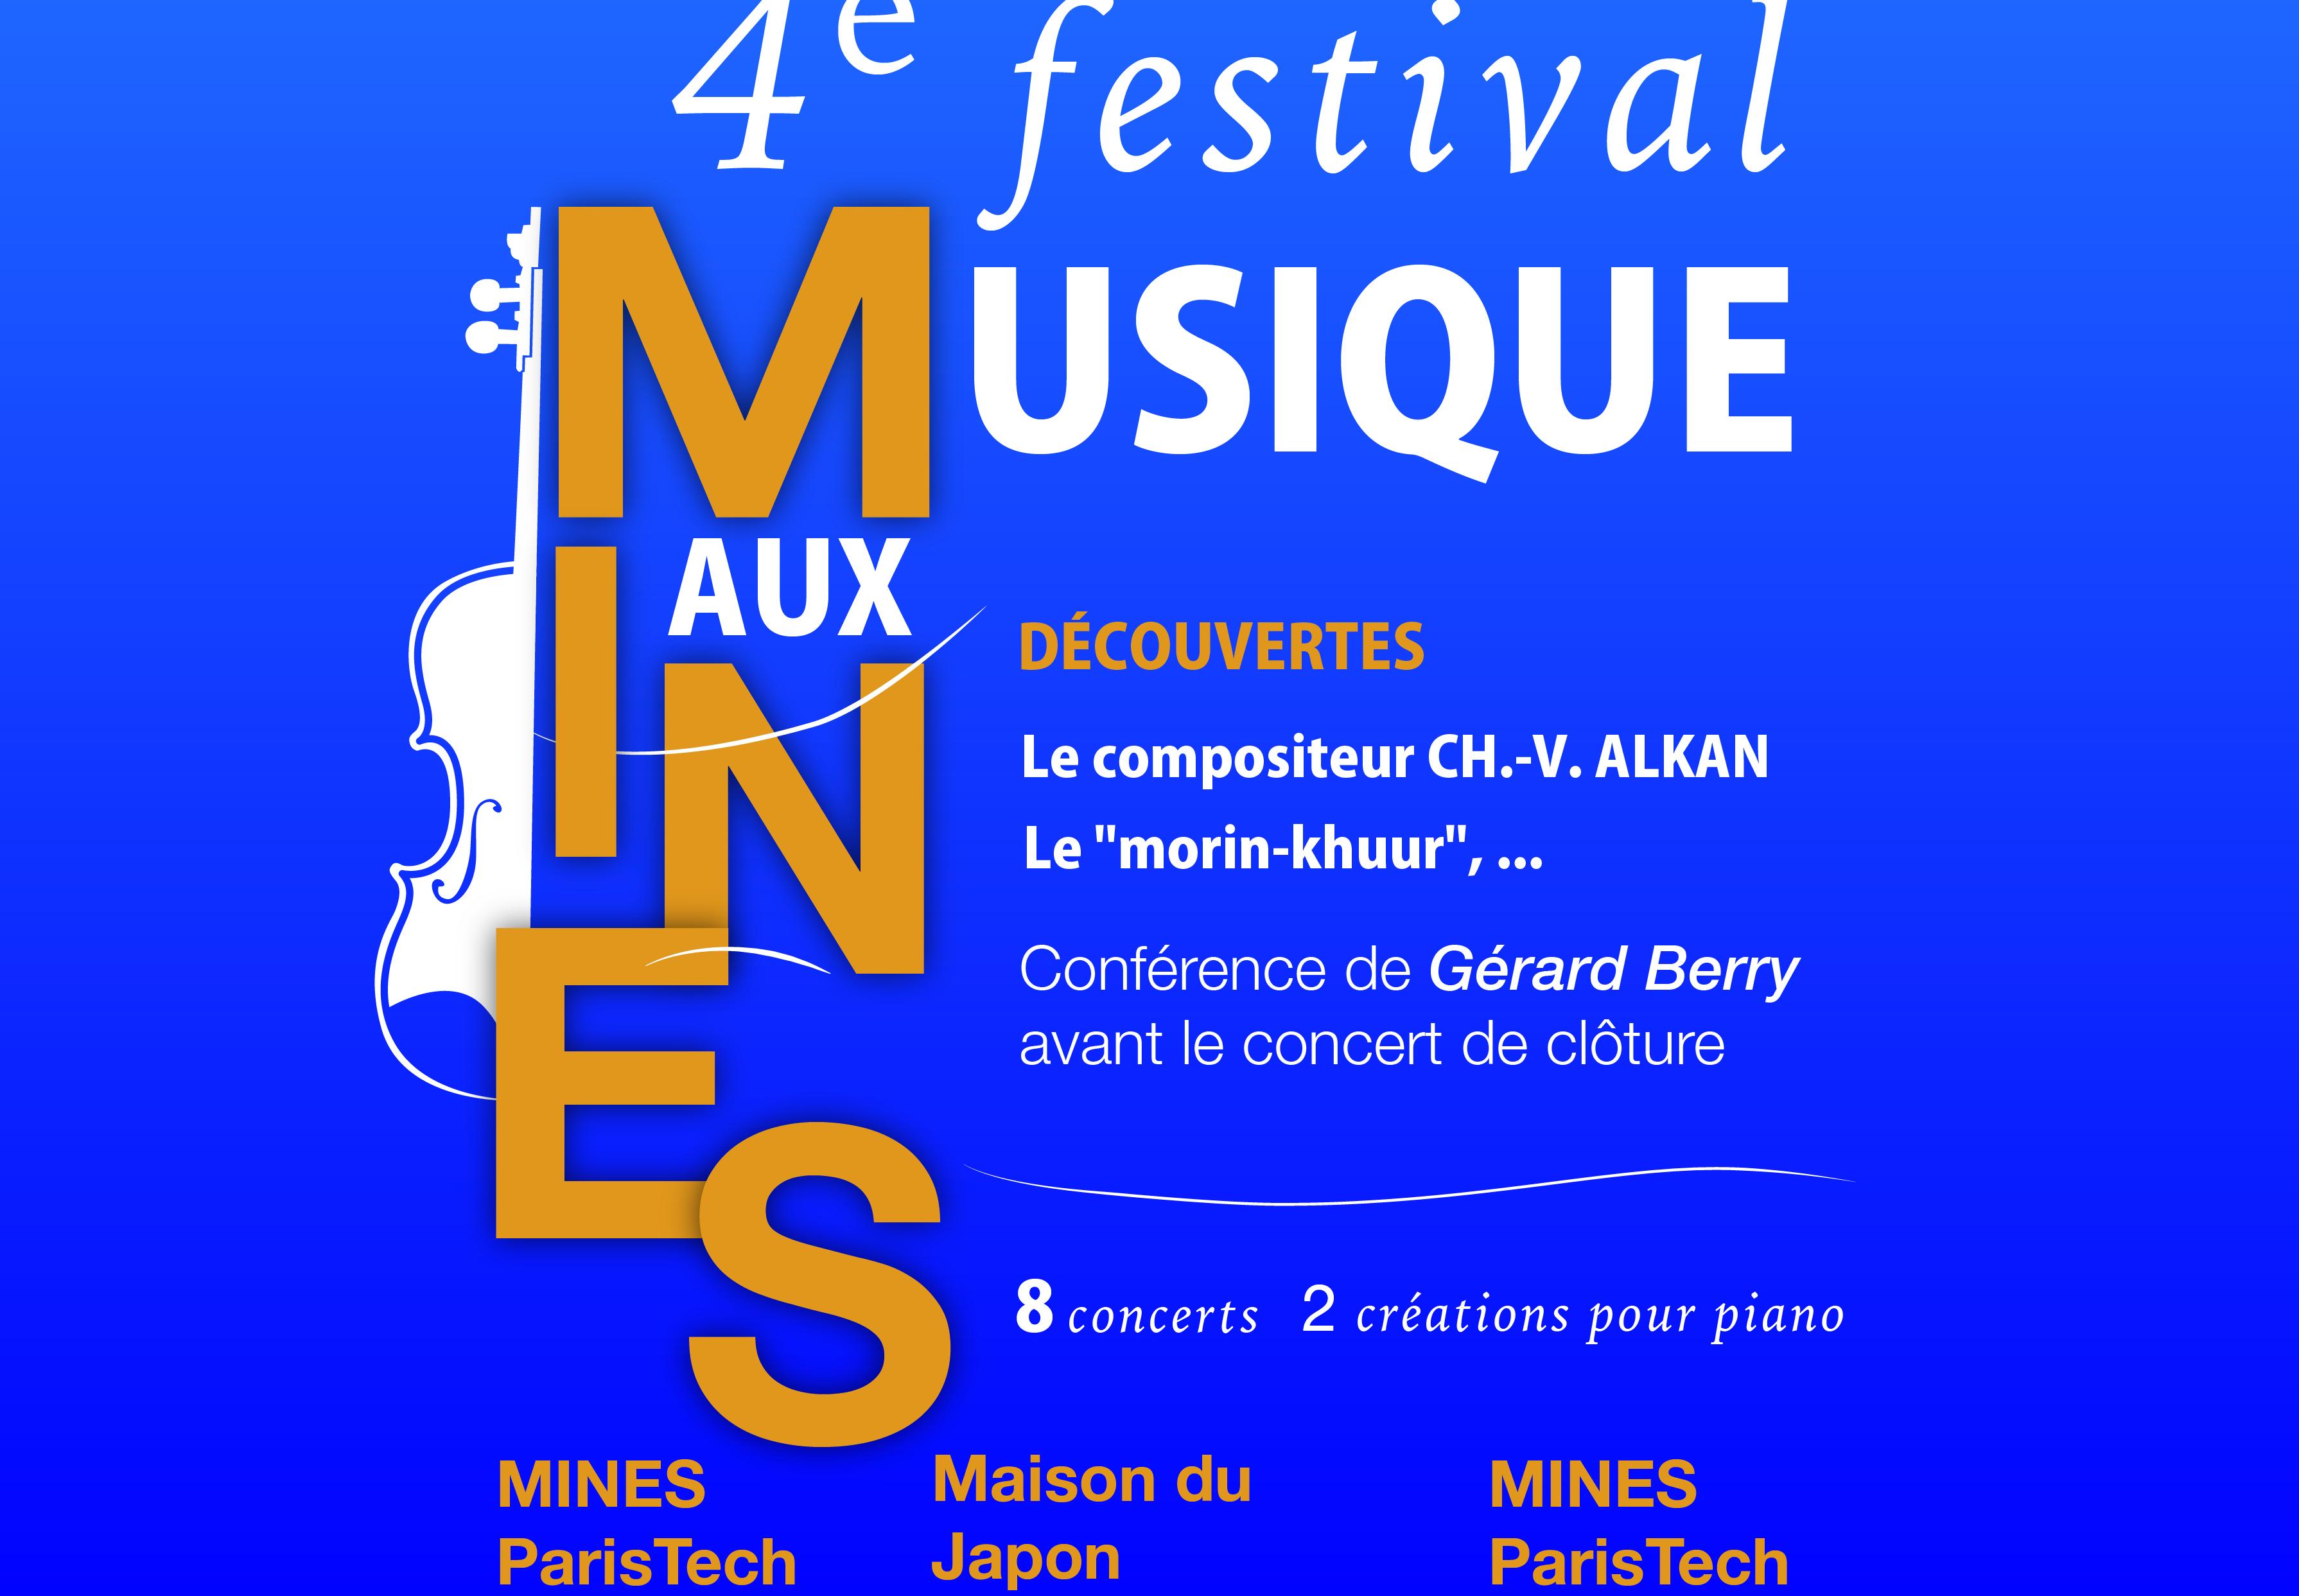 Musique aux Mines